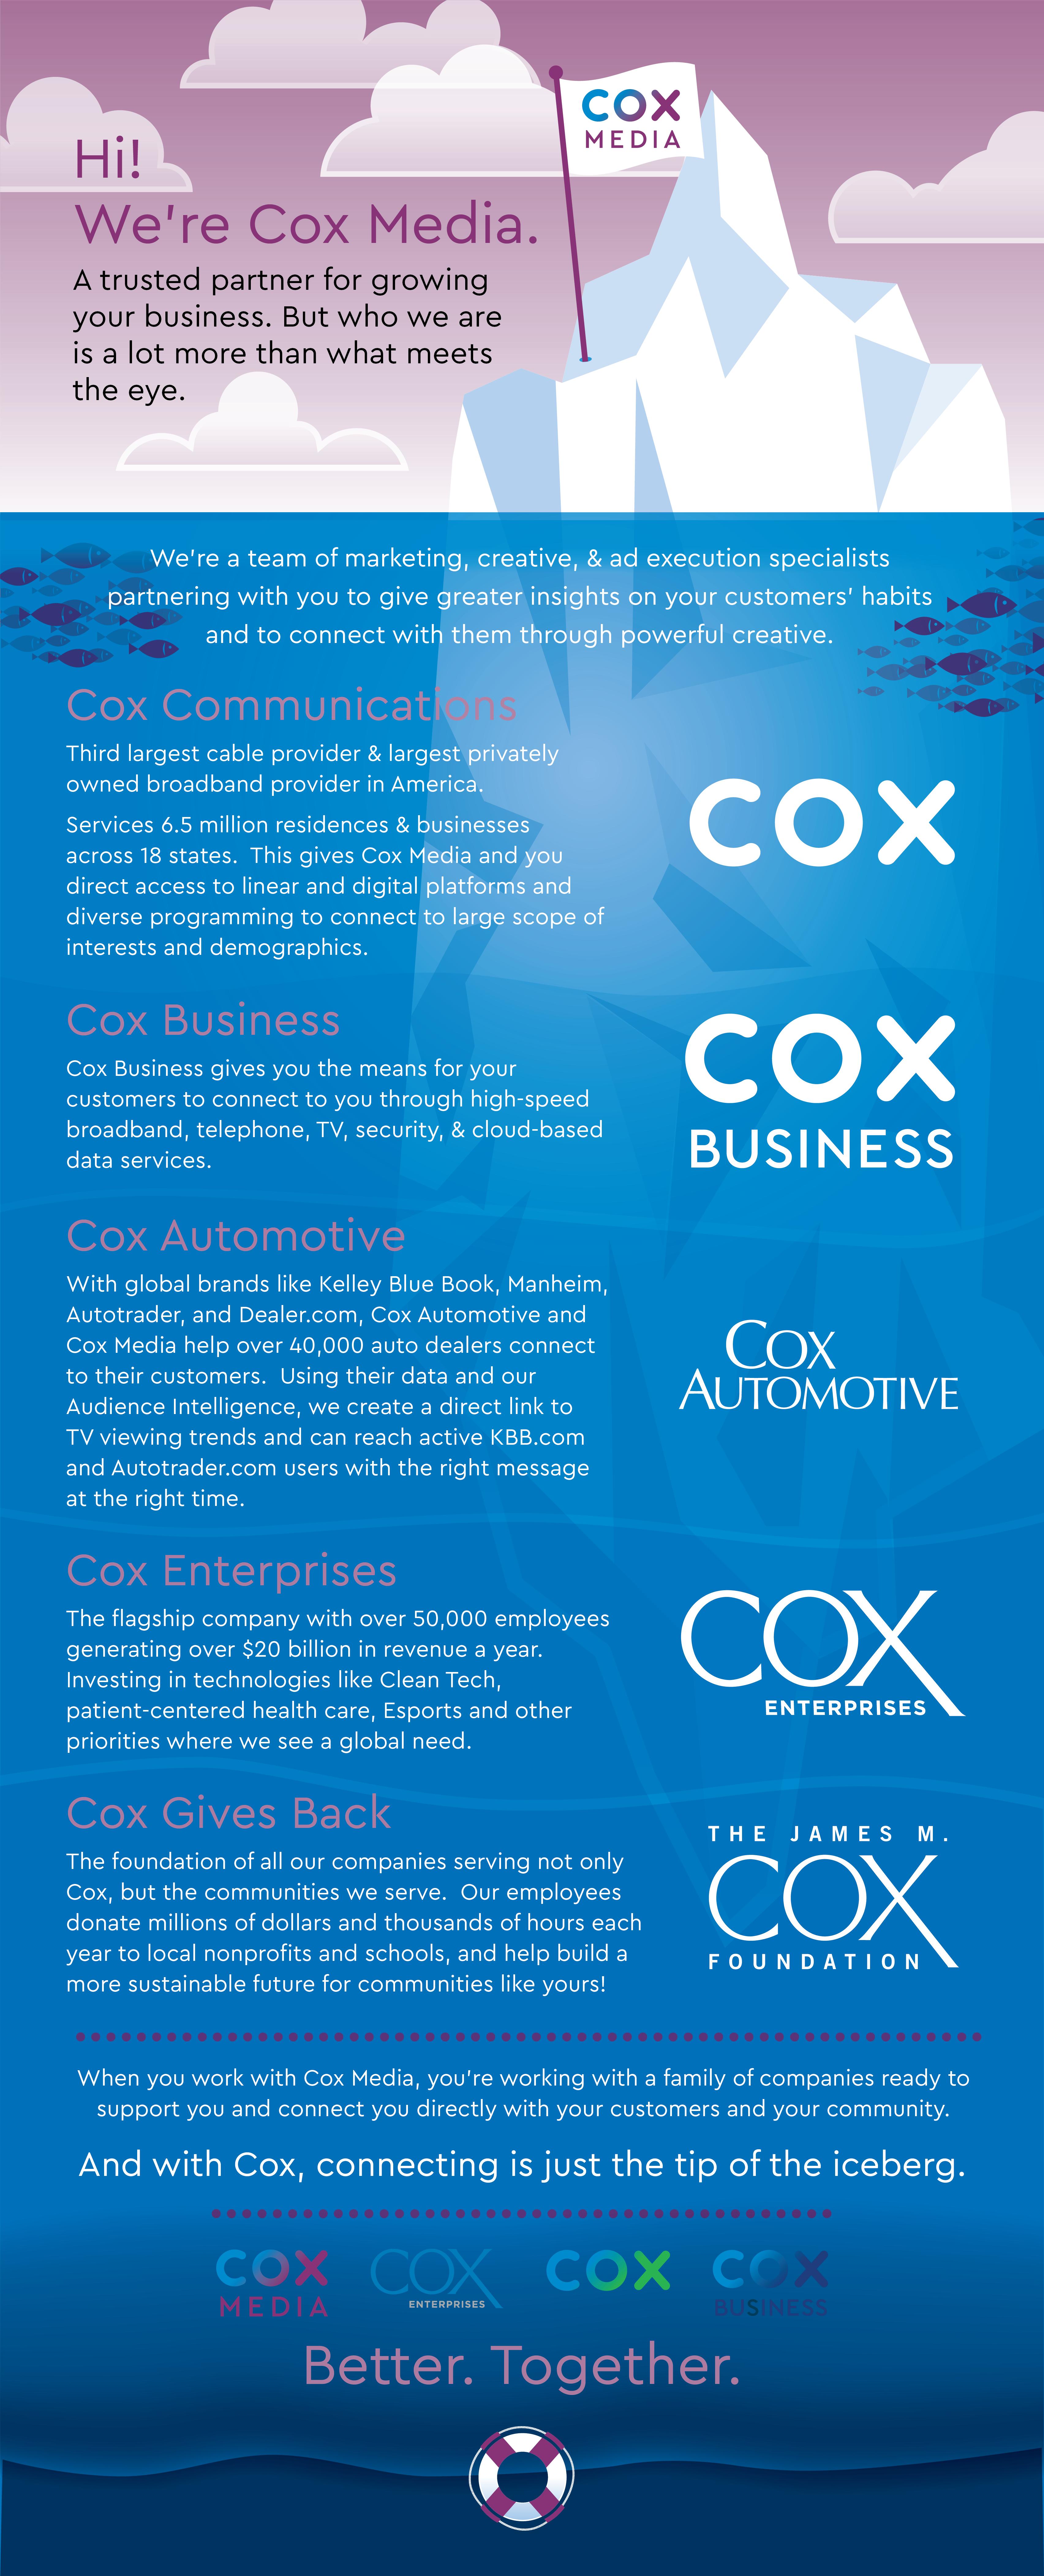 Cox Company Profile Infographic